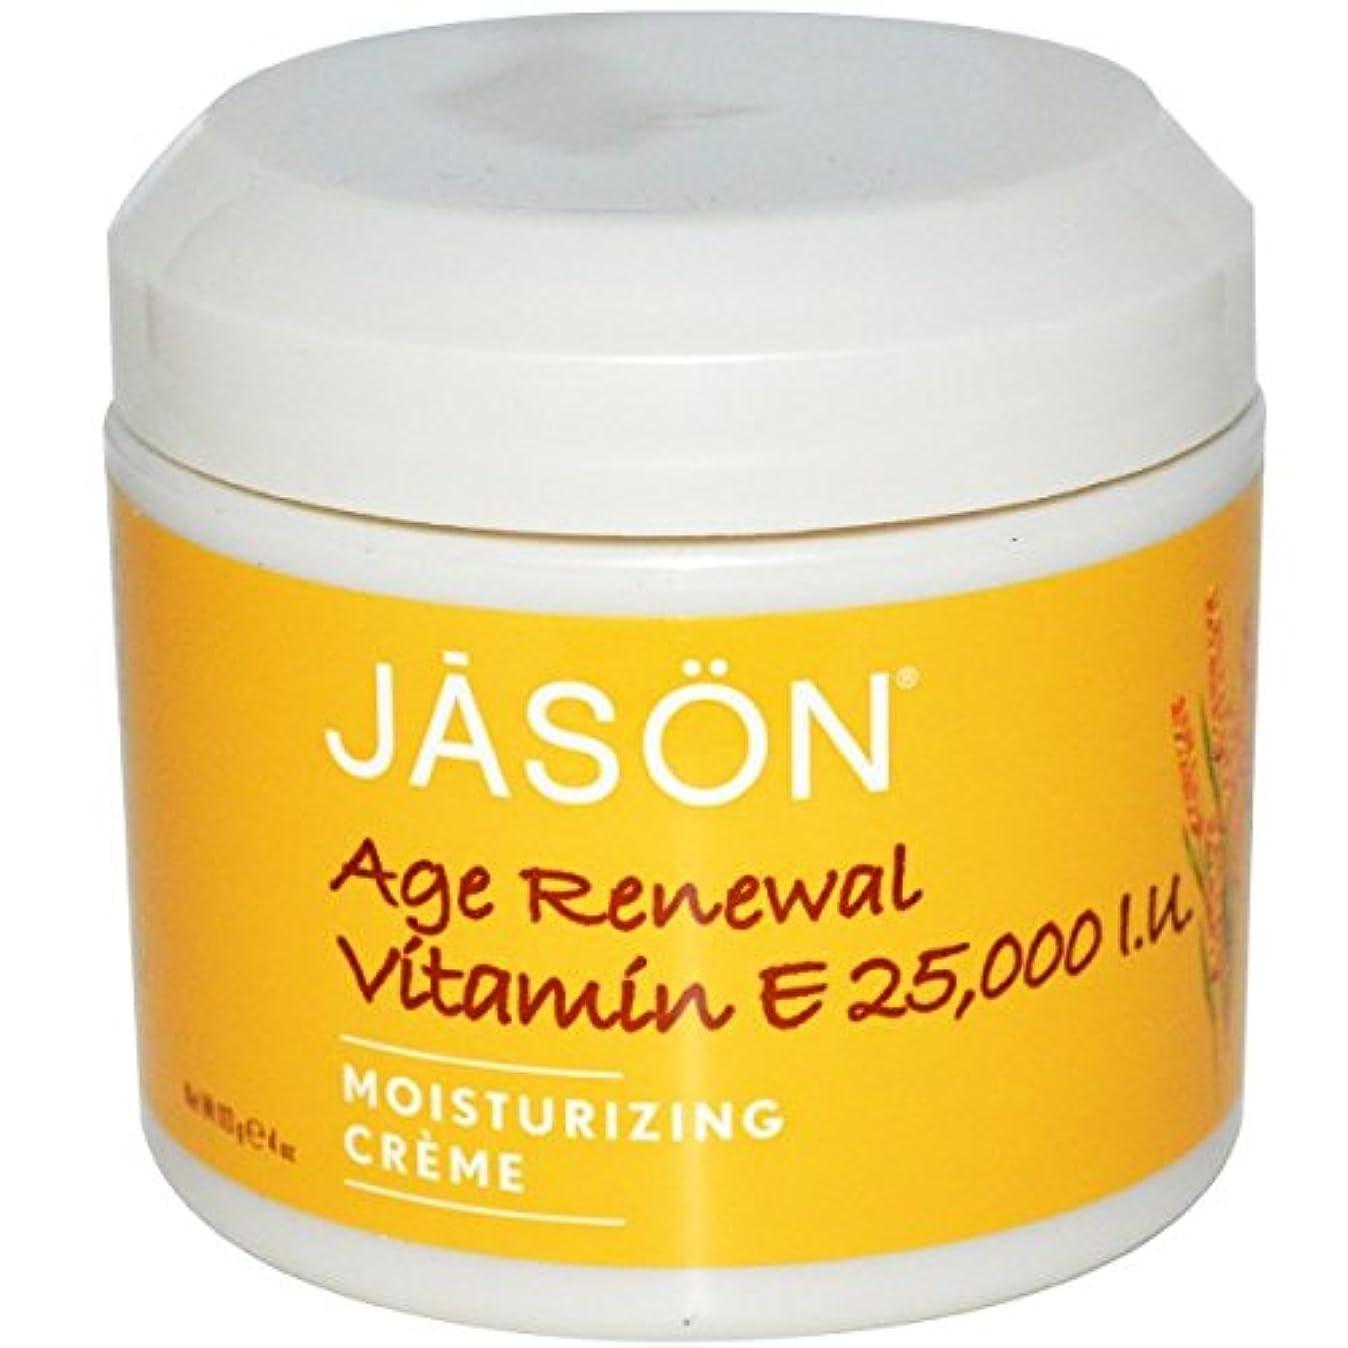 ぶら下がる干渉する緊張する[海外直送品] ジェイソンナチュラル(Jason Natural) 25,000 IU ビタミンE エイジリニューアルクリーム 113g